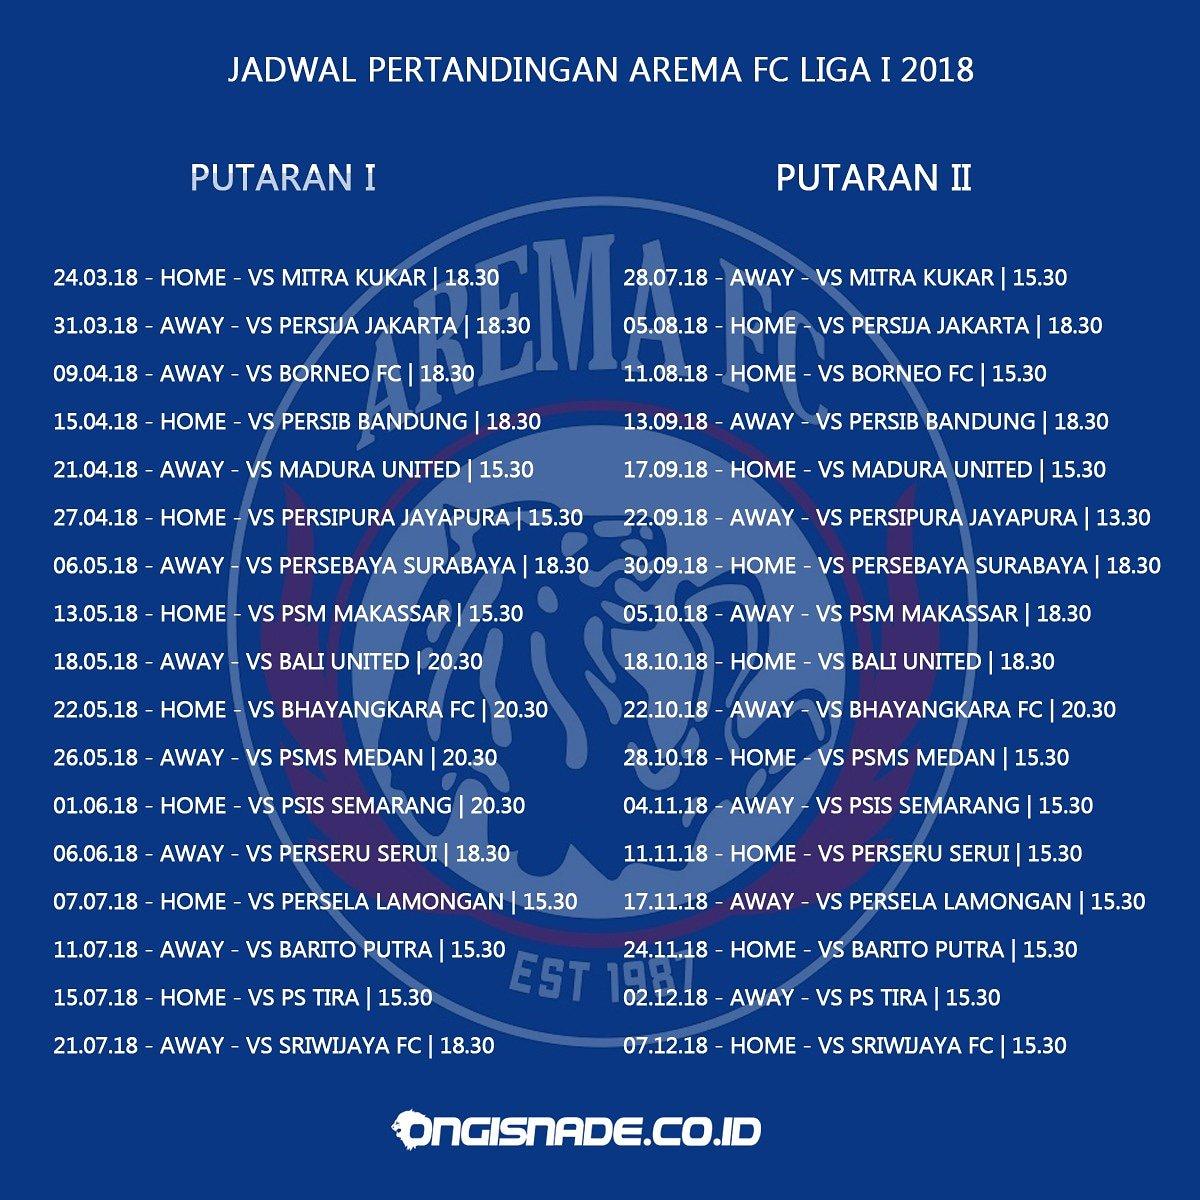 Arema Fc Vs Persebaya: Jadwal Arema Liga Indonesia 2018